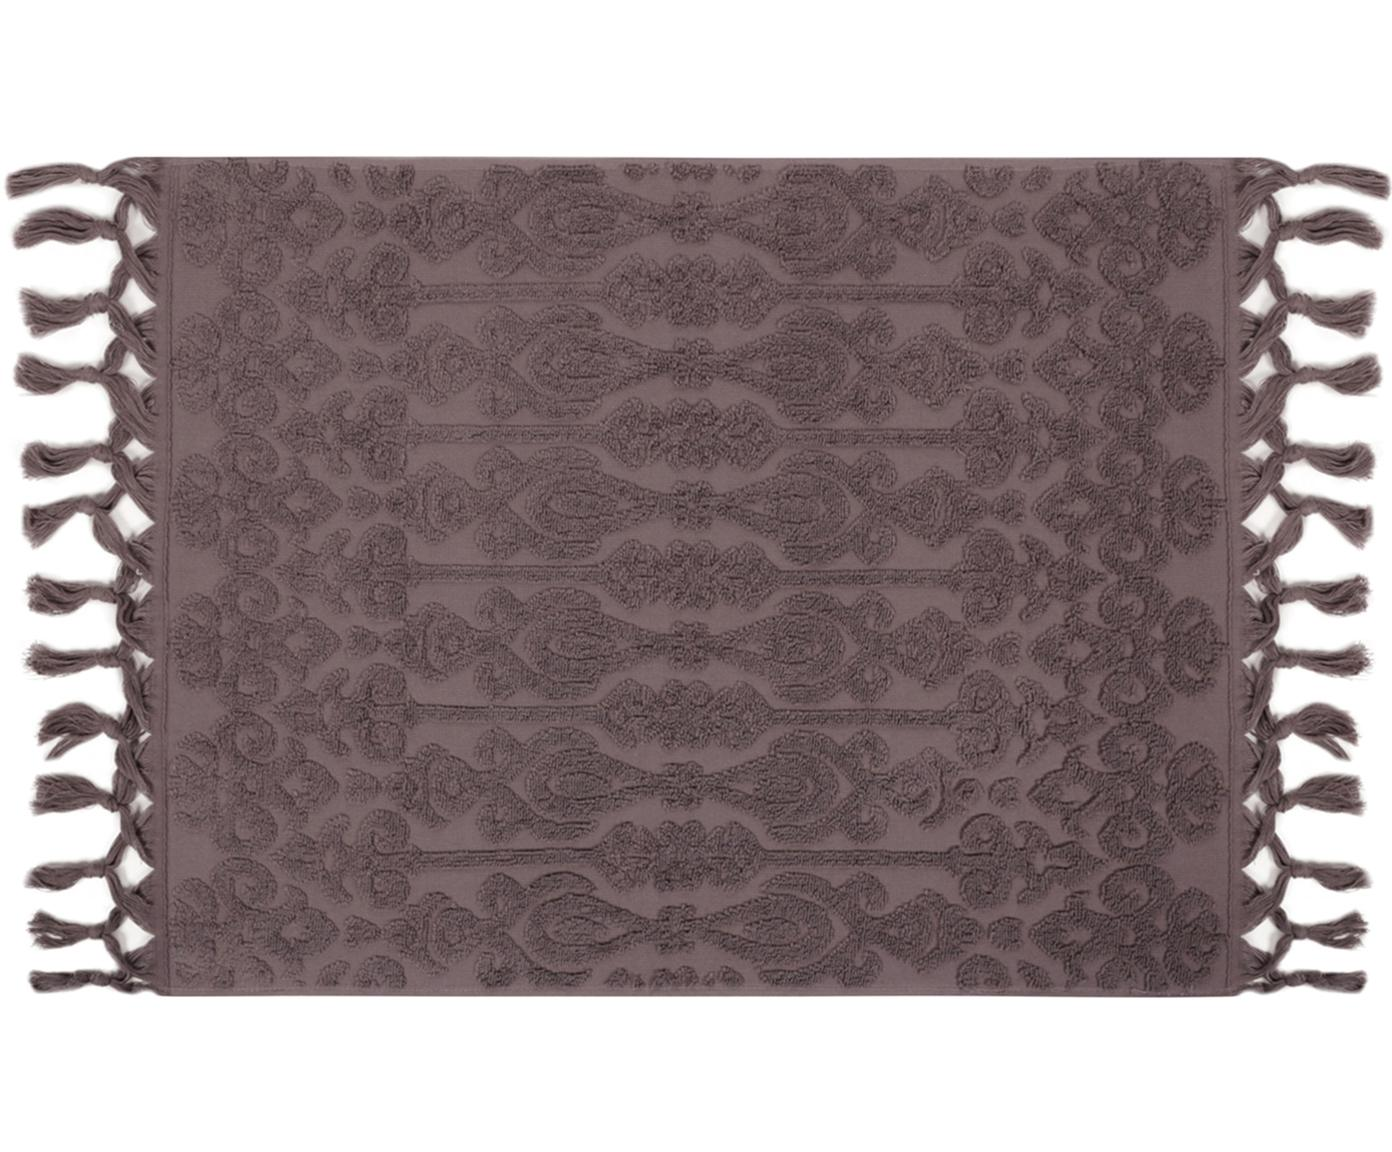 Dywanik łazienkowy Victoria, Bawełna, Szary kamienny, S 50 x D 70 cm